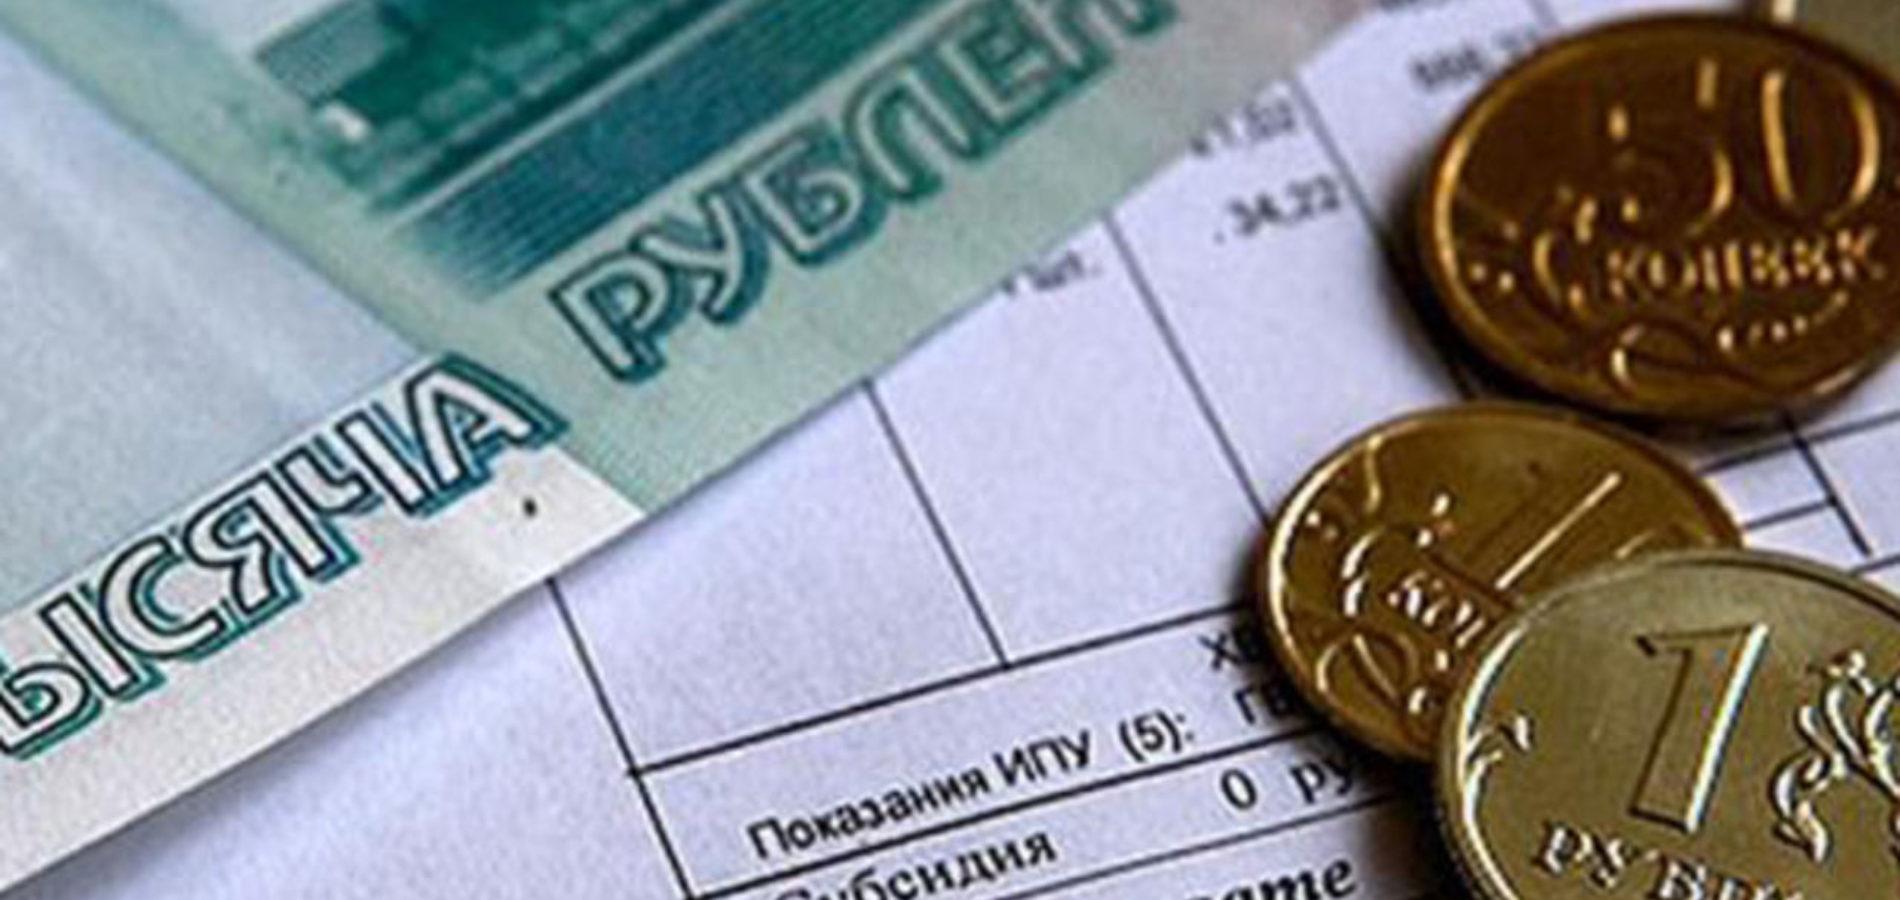 Реформа тарифообразования, предложенная в «Стратегии Роста», получила развитие